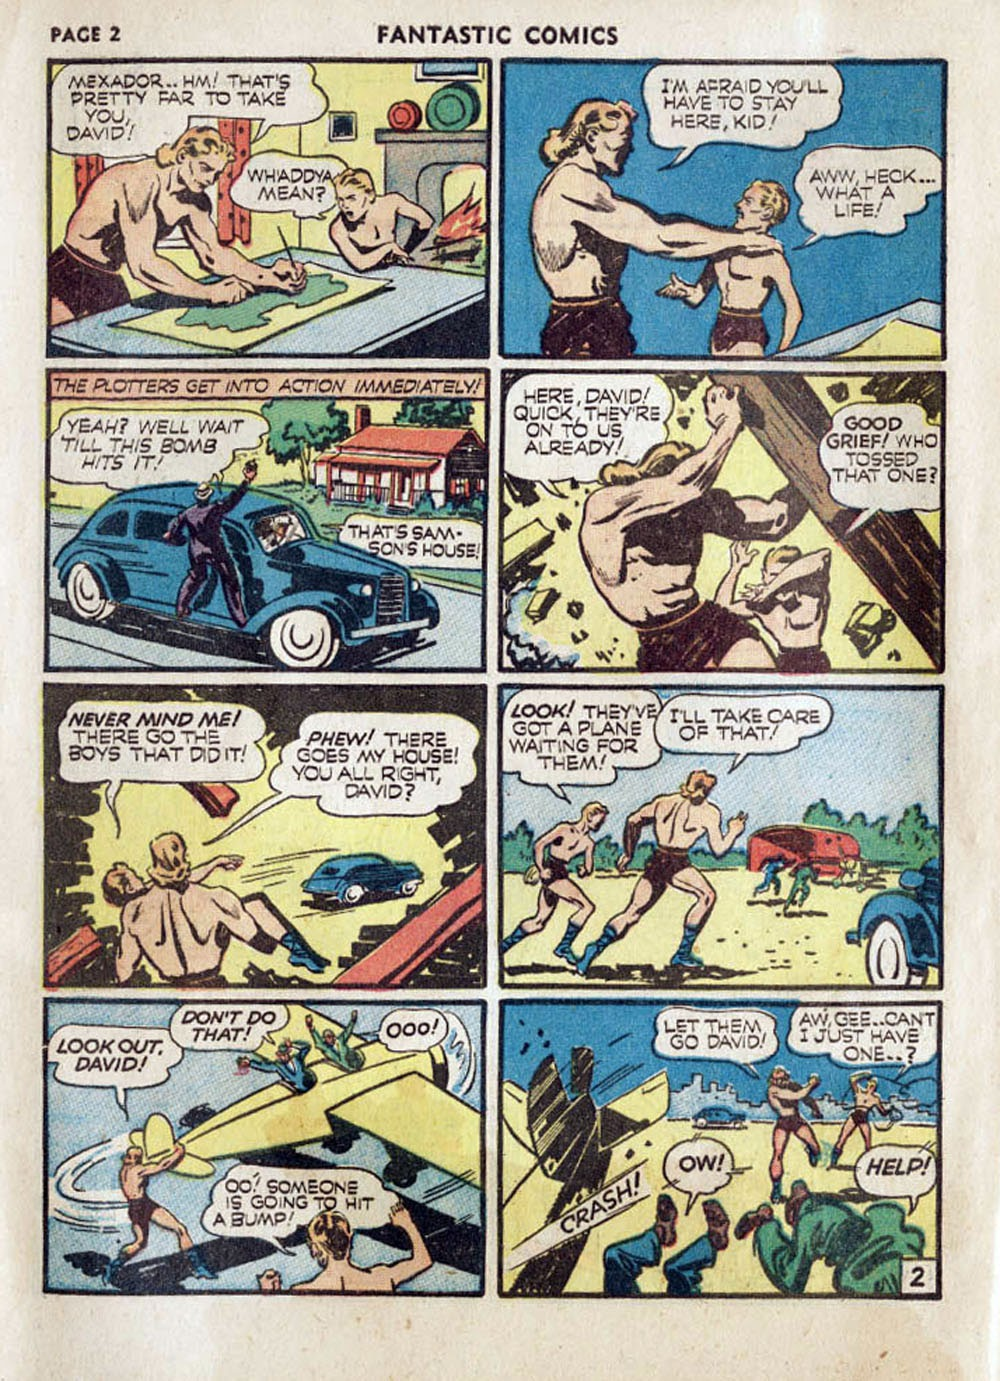 Read online Fantastic Comics comic -  Issue #17 - 4